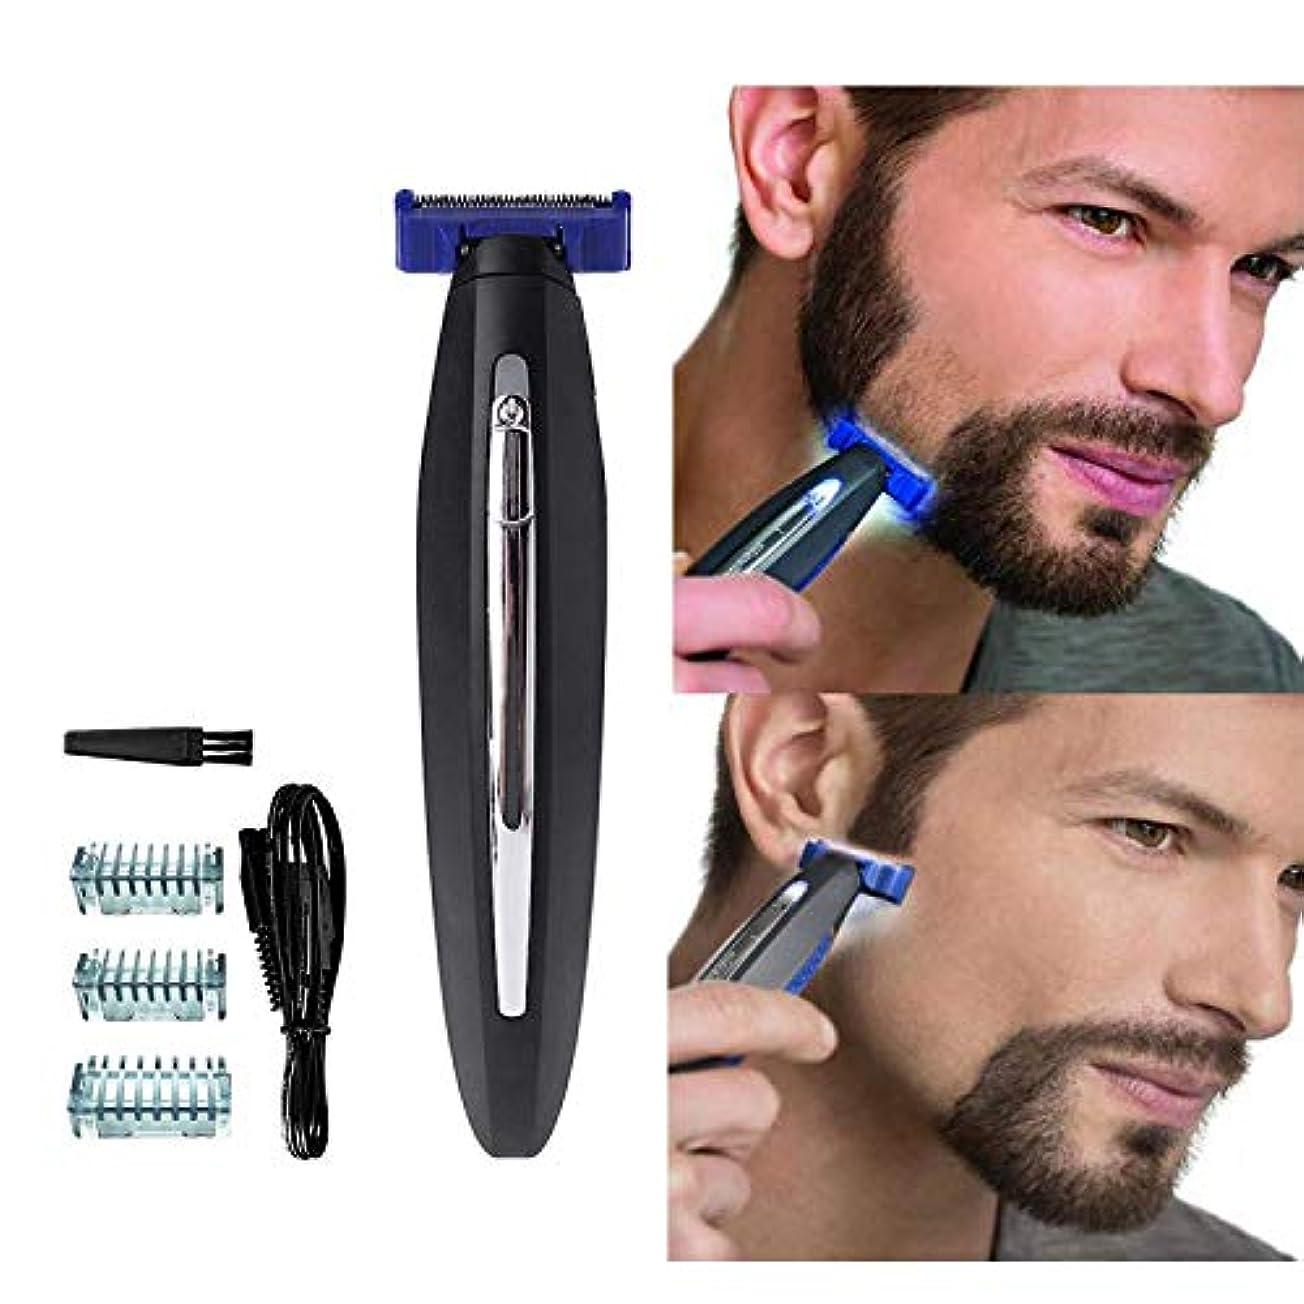 ラジカル望みカウンタ男性のための電気かみそり、髪のクリーニングシェーバートリマーと防水スマートかみそり、男性のための眉毛のひげのフェイシャルとボディヘアーのための毛の除去剤, black